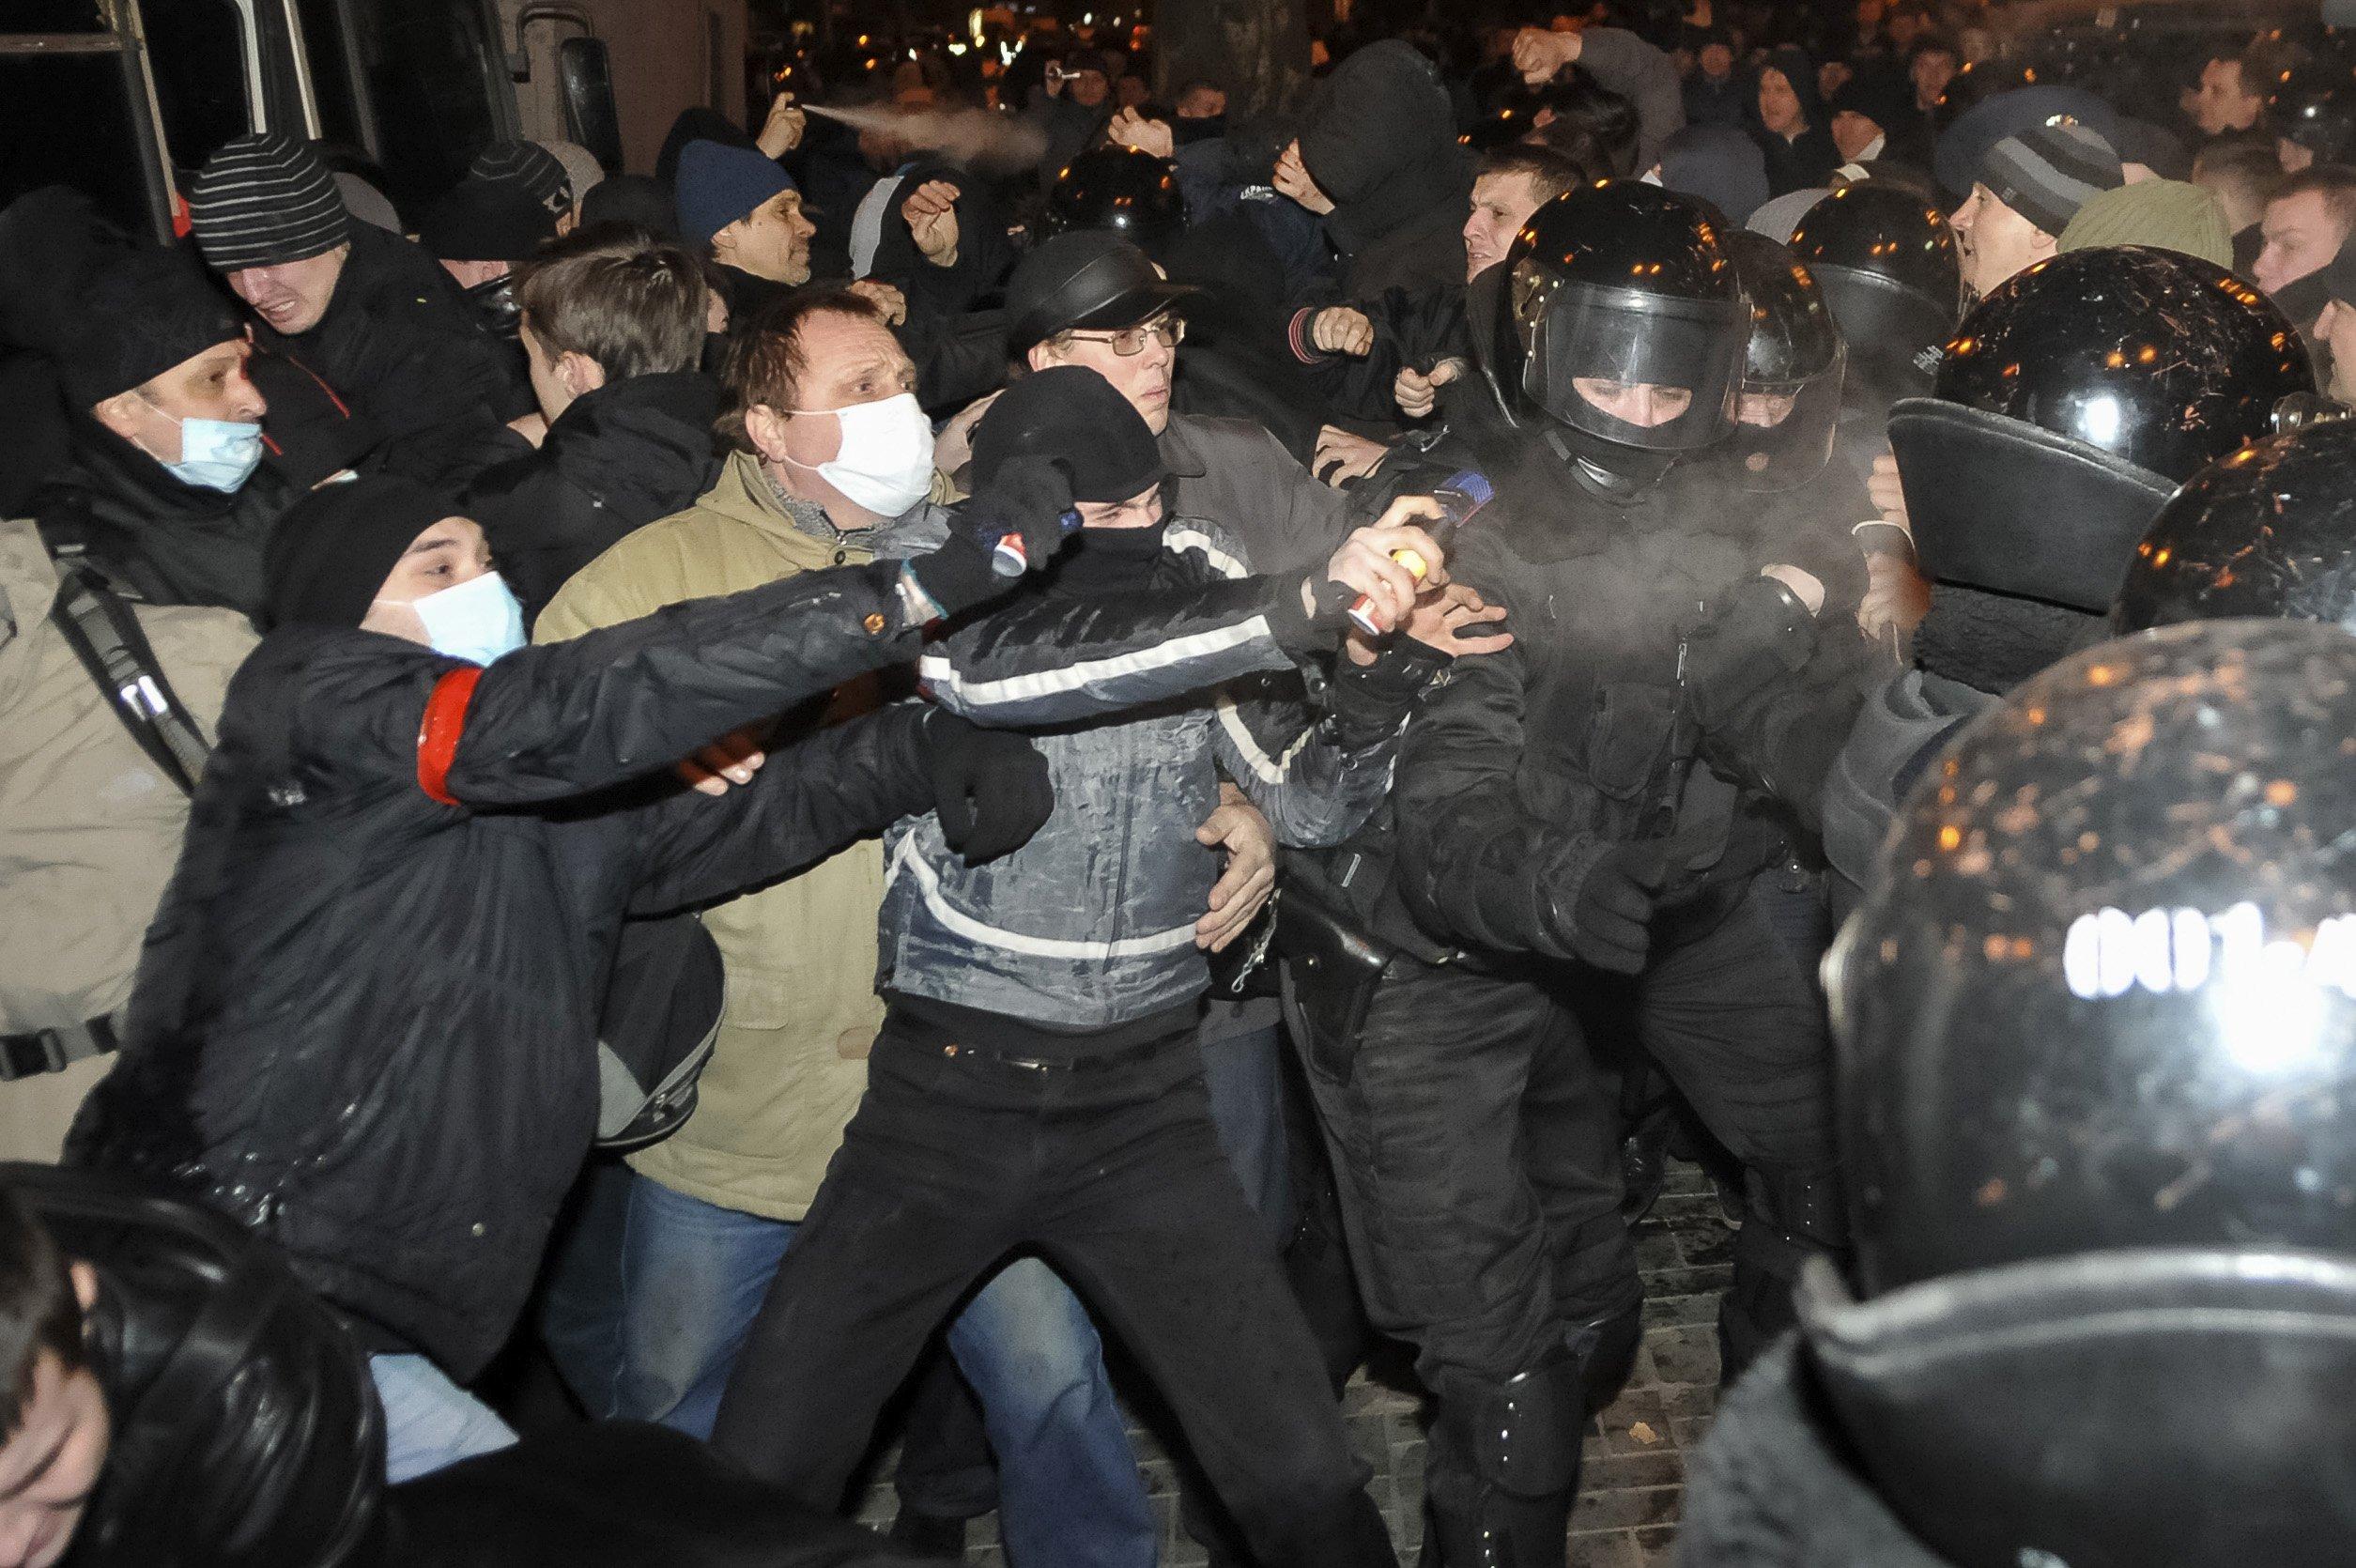 Manifestantes se enfrentam na cidade ucraniana de Donetsk, onde uma pessoa morreu | Mikhail Maslovsky/Reuters